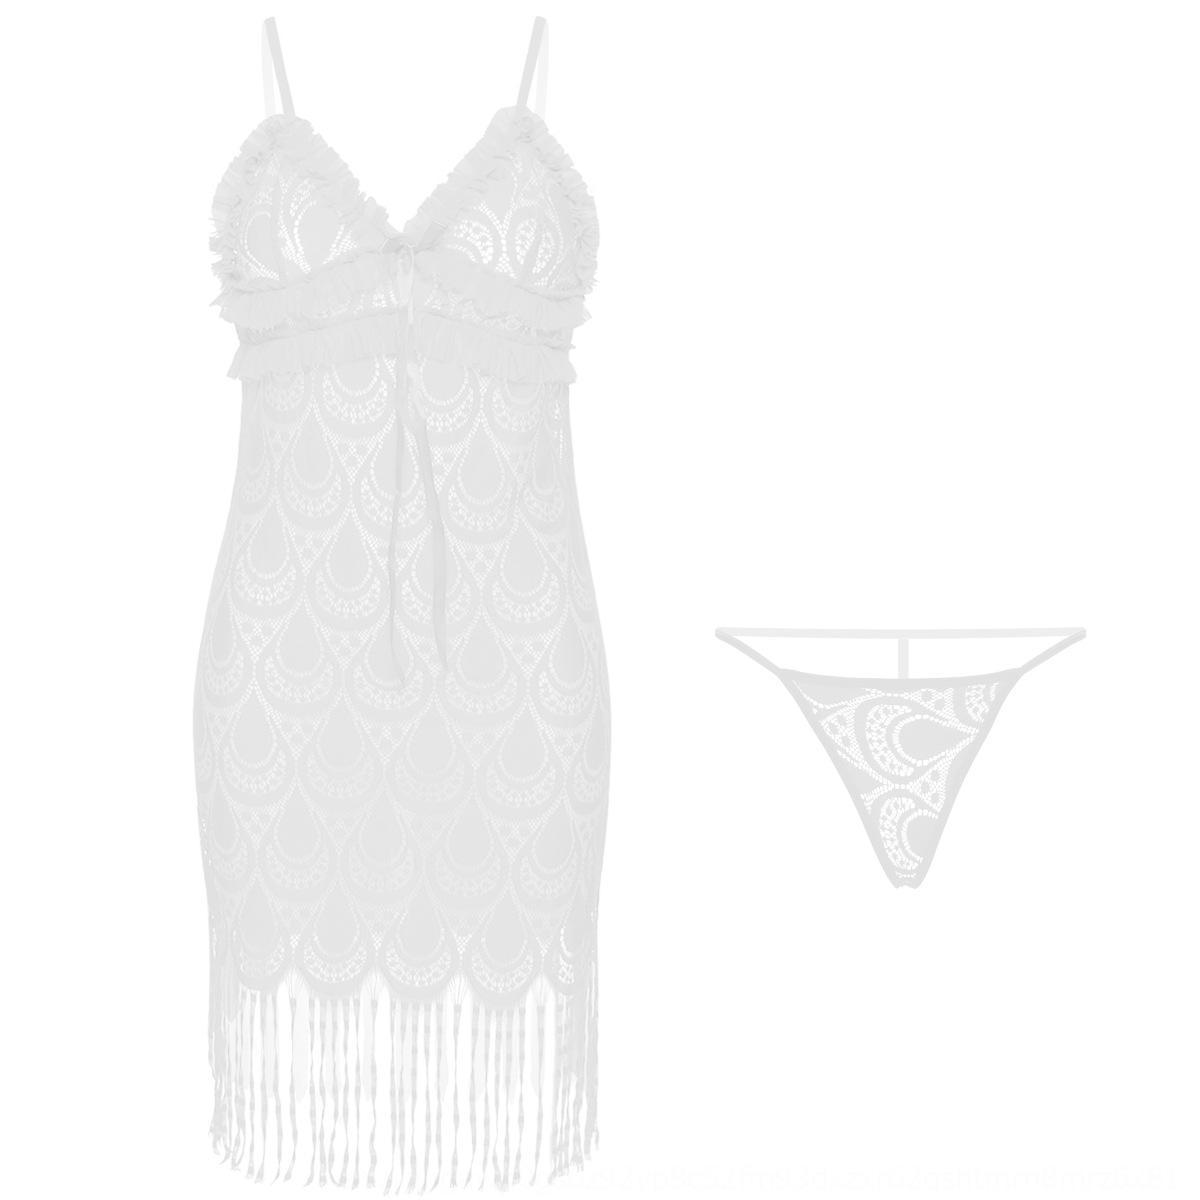 New sexy lingerie perspectiva rendas sexy borla Underwear pijama nightdress tentação suspender saia longa Sling pijamas set 7268